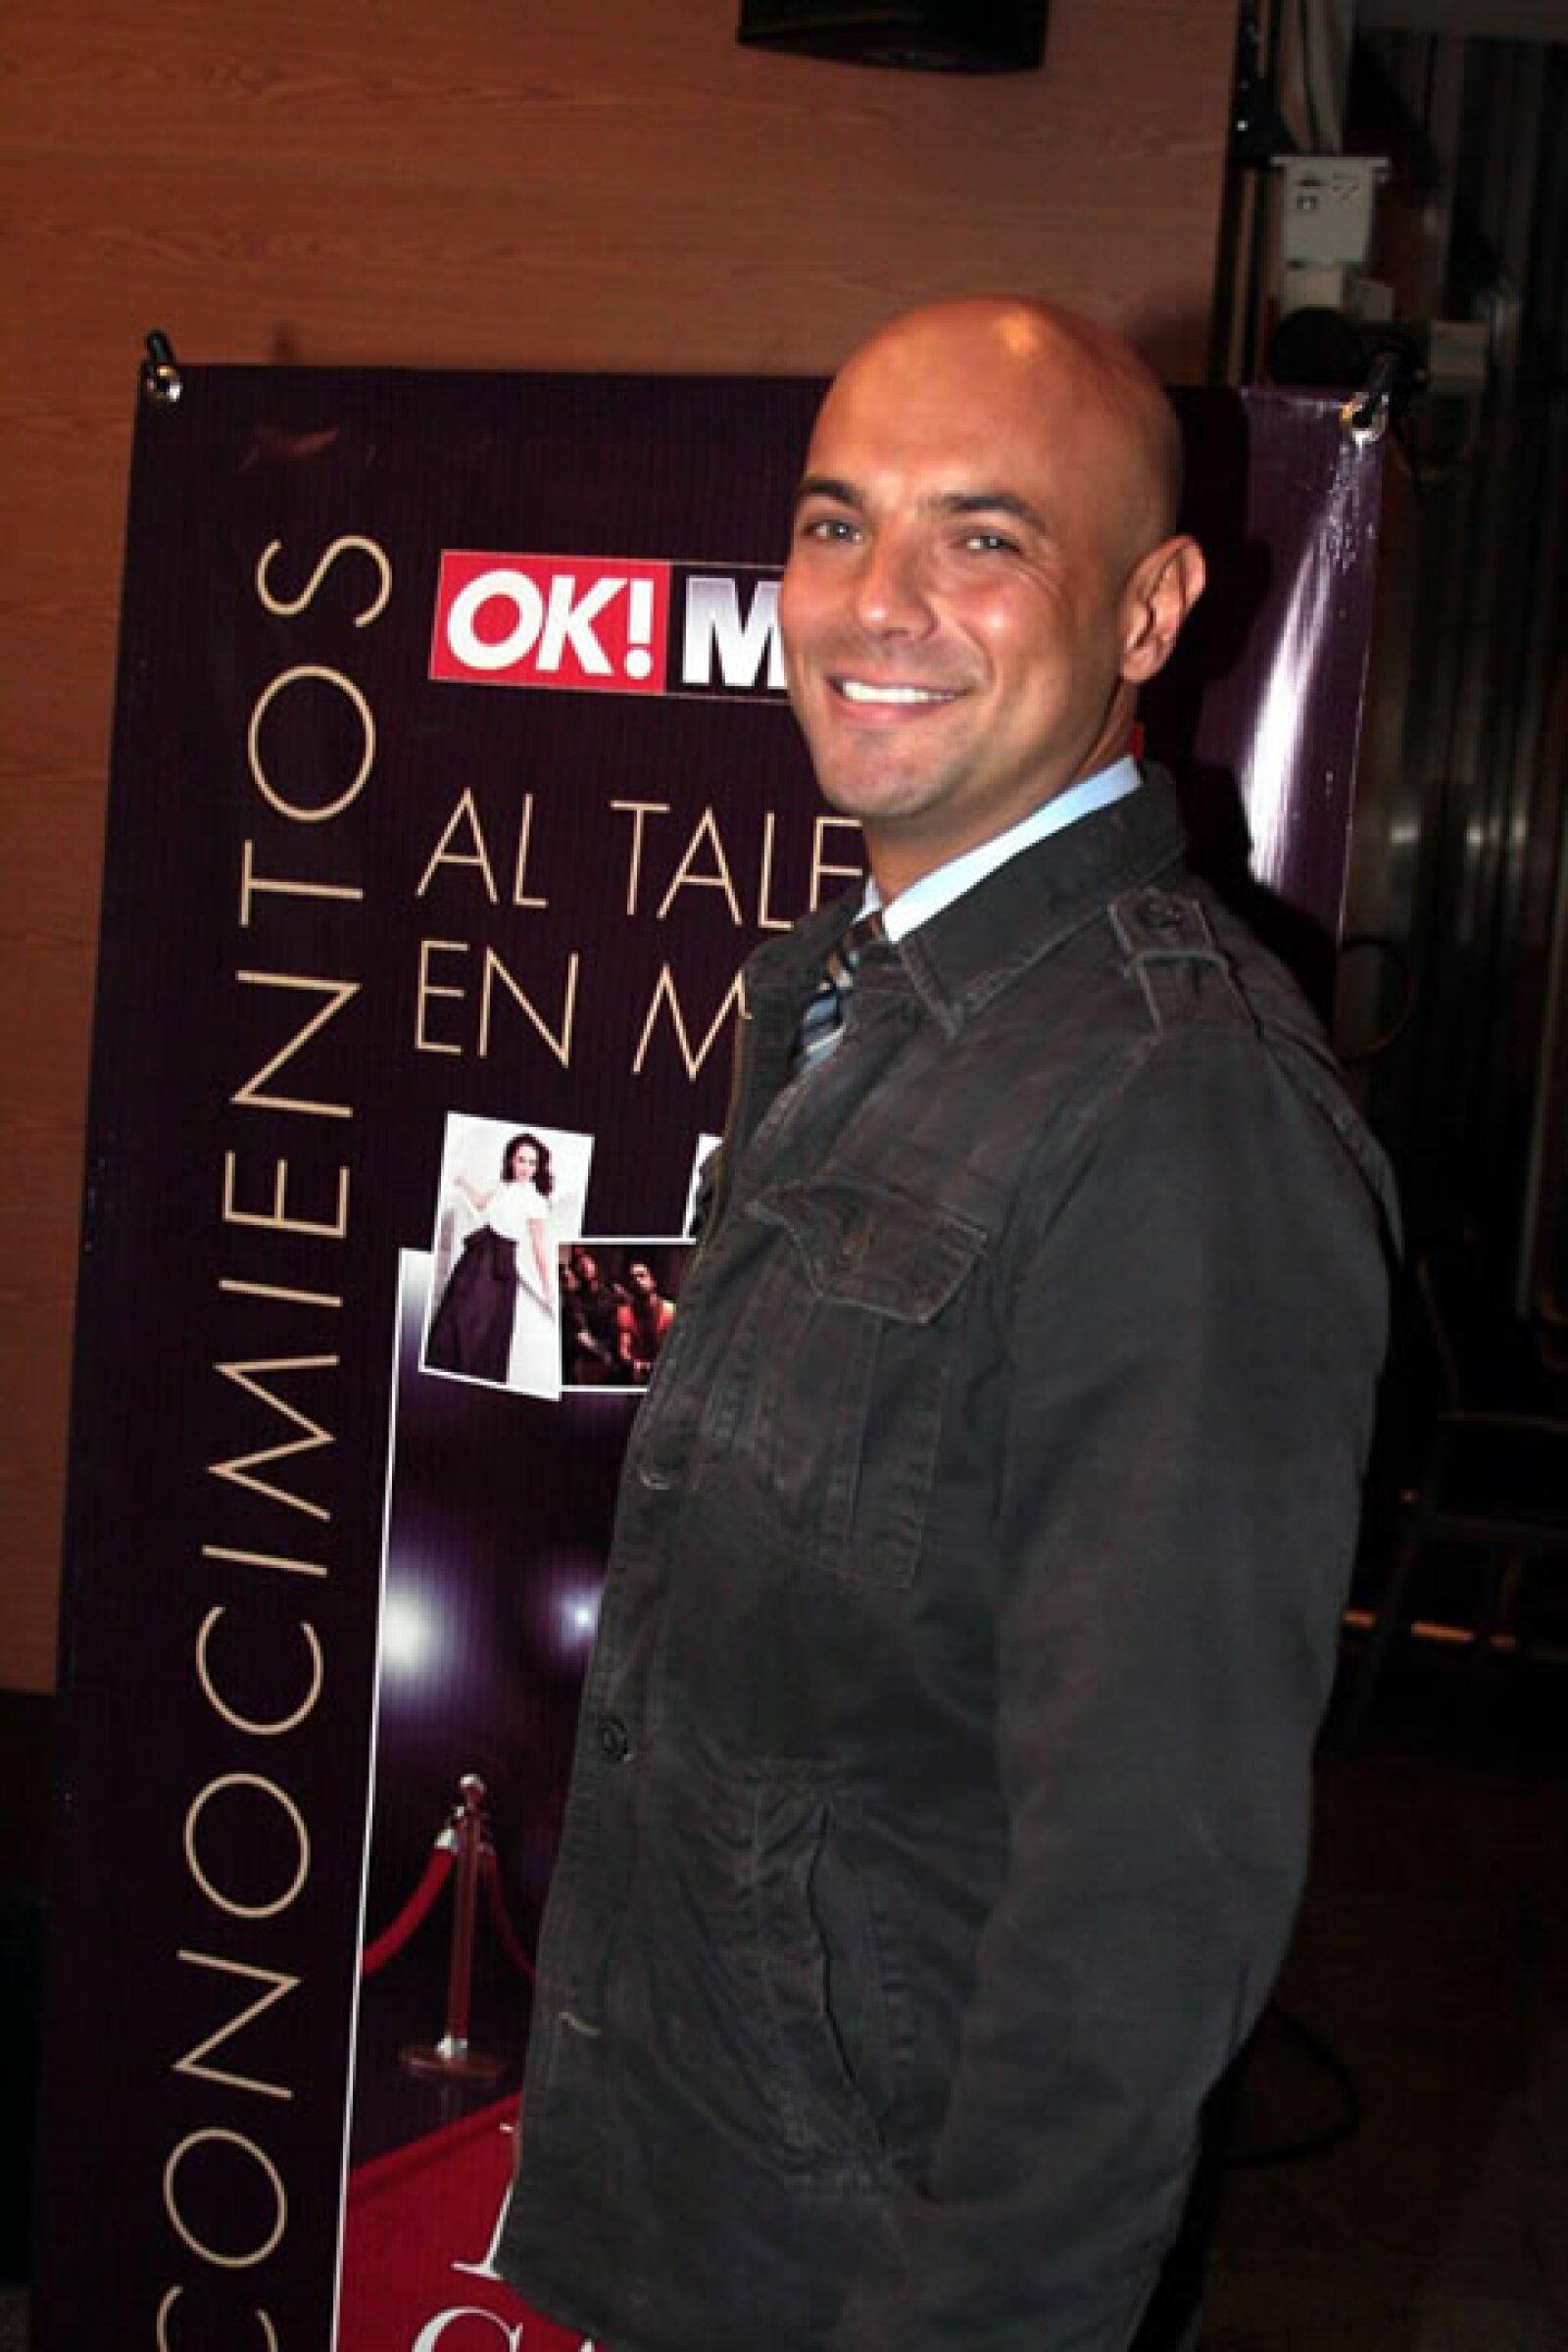 Javier Poza conquista la televisión y radio con su voz y profesionalismo.